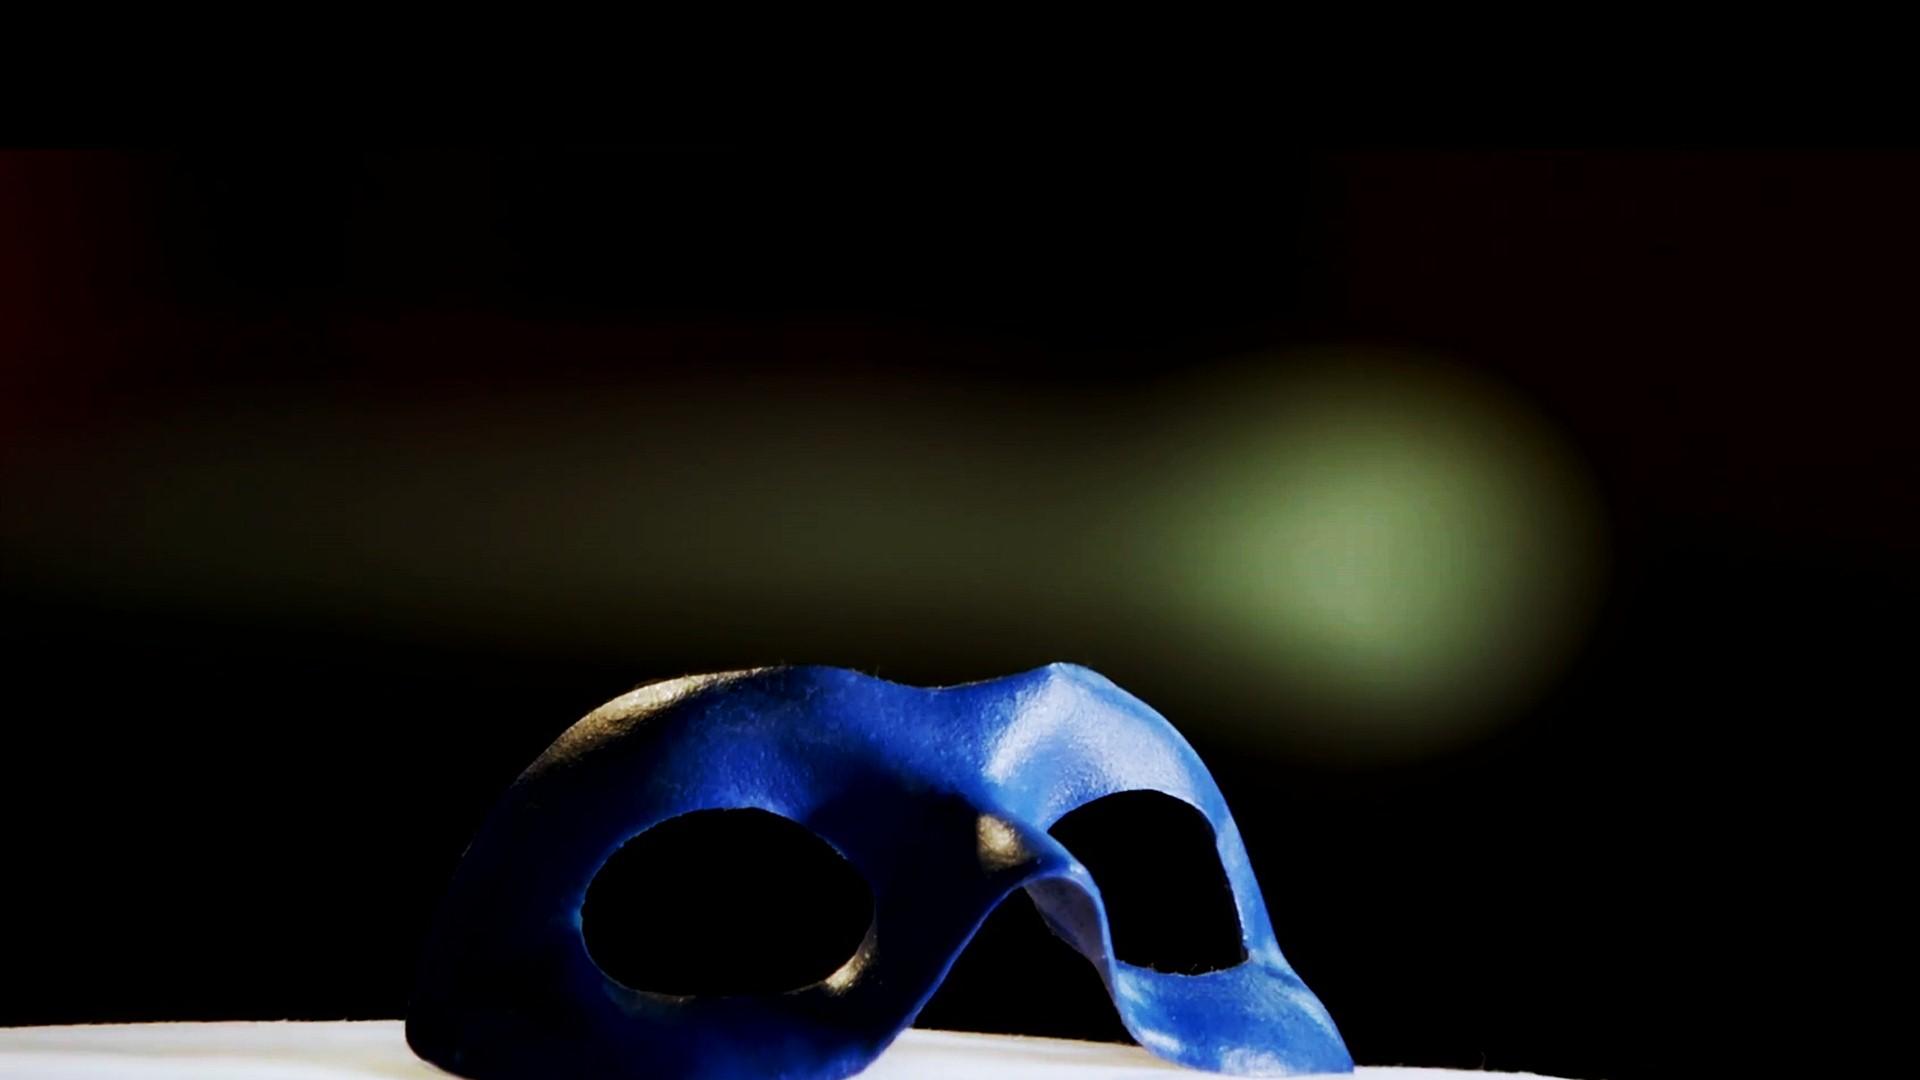 Tiger Shroff Hd Wallpaper A Flying Jatt Mask 03372 Baltana